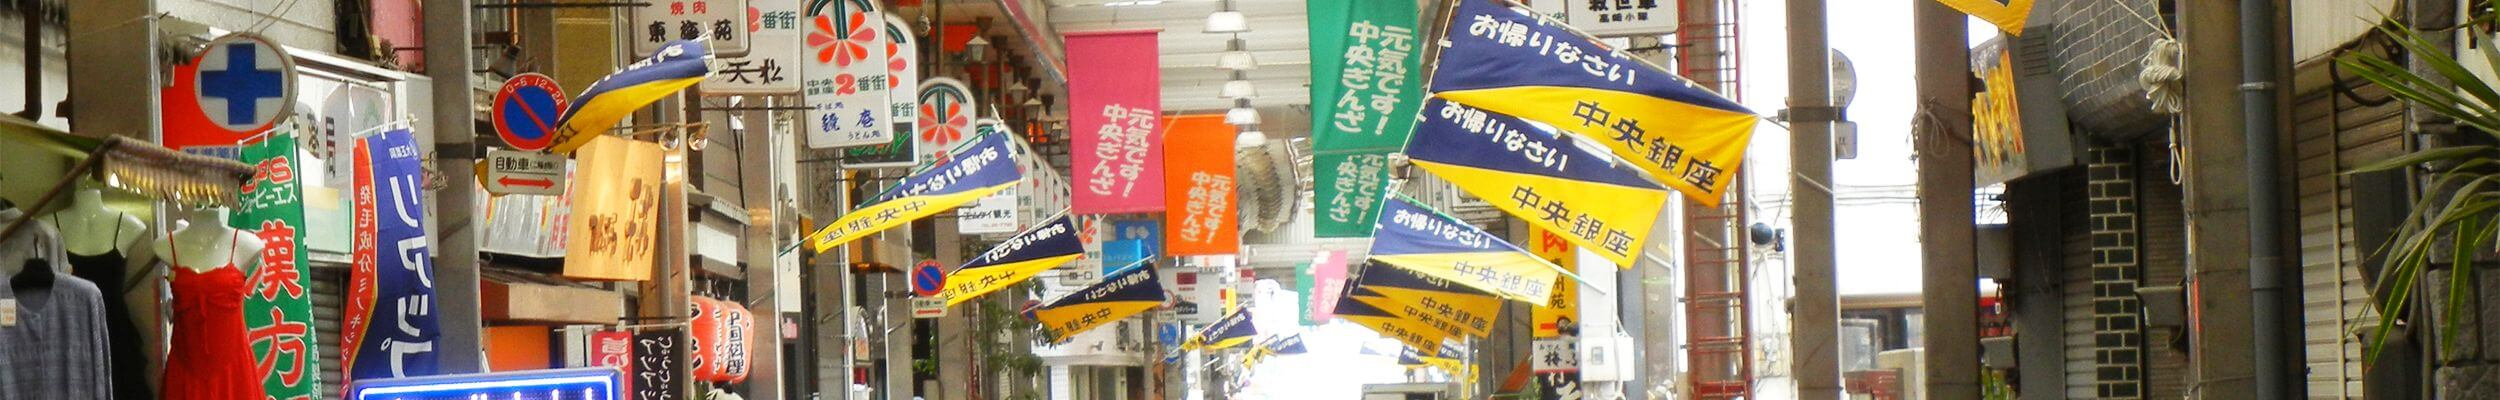 株式会社メディア・バンクは高崎市を拠点に30年